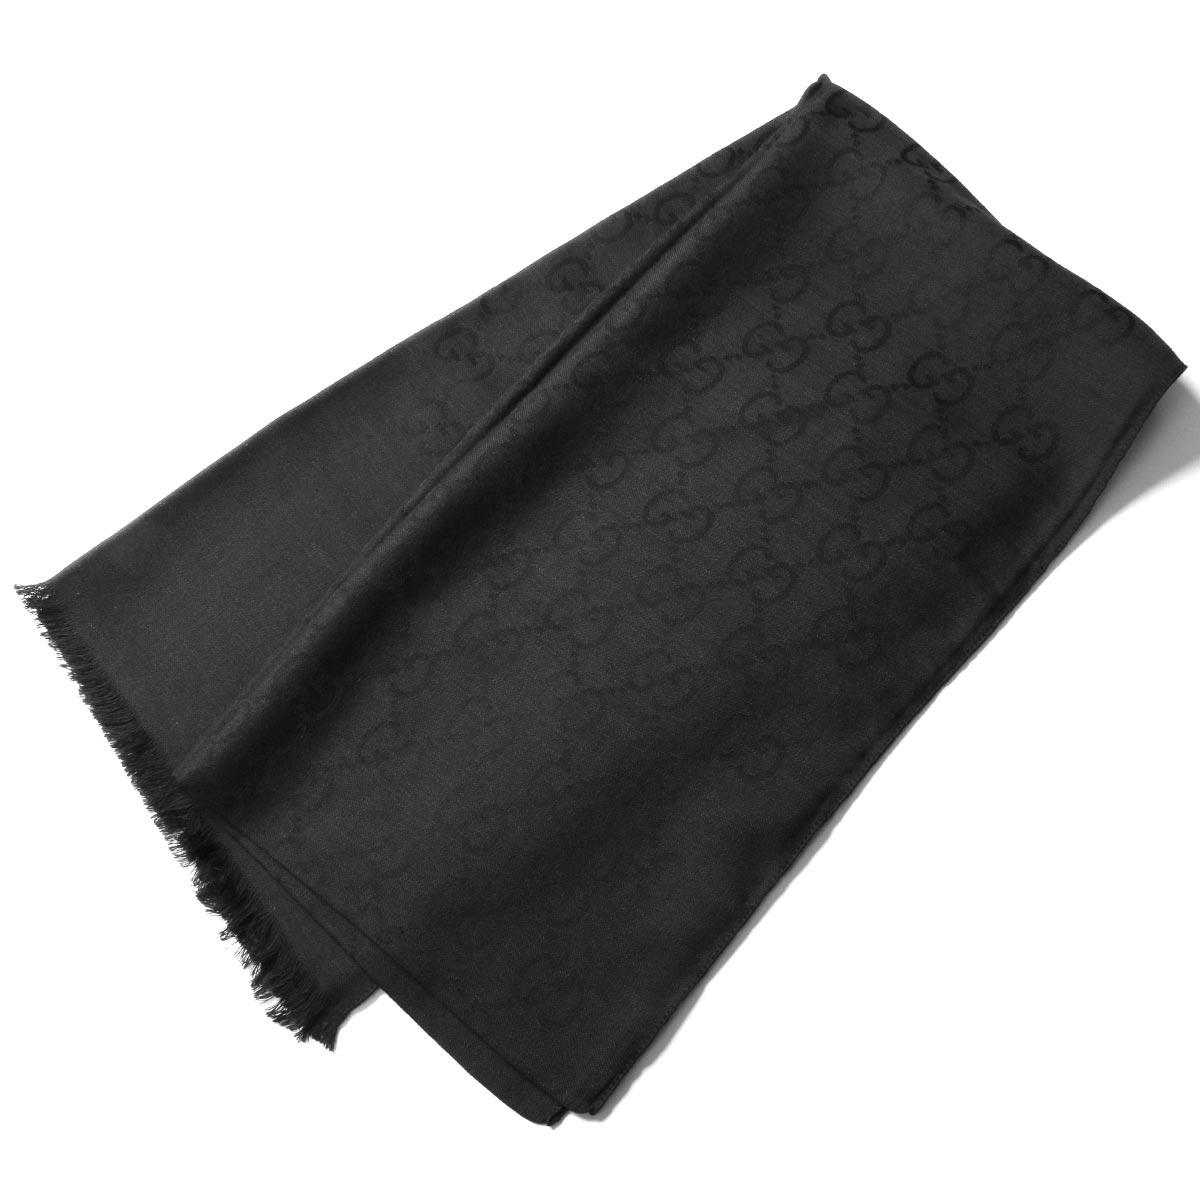 グッチ ストール/スカーフ メンズ レディース GGウール ブラック 165904 3G646 1000 GUCCI